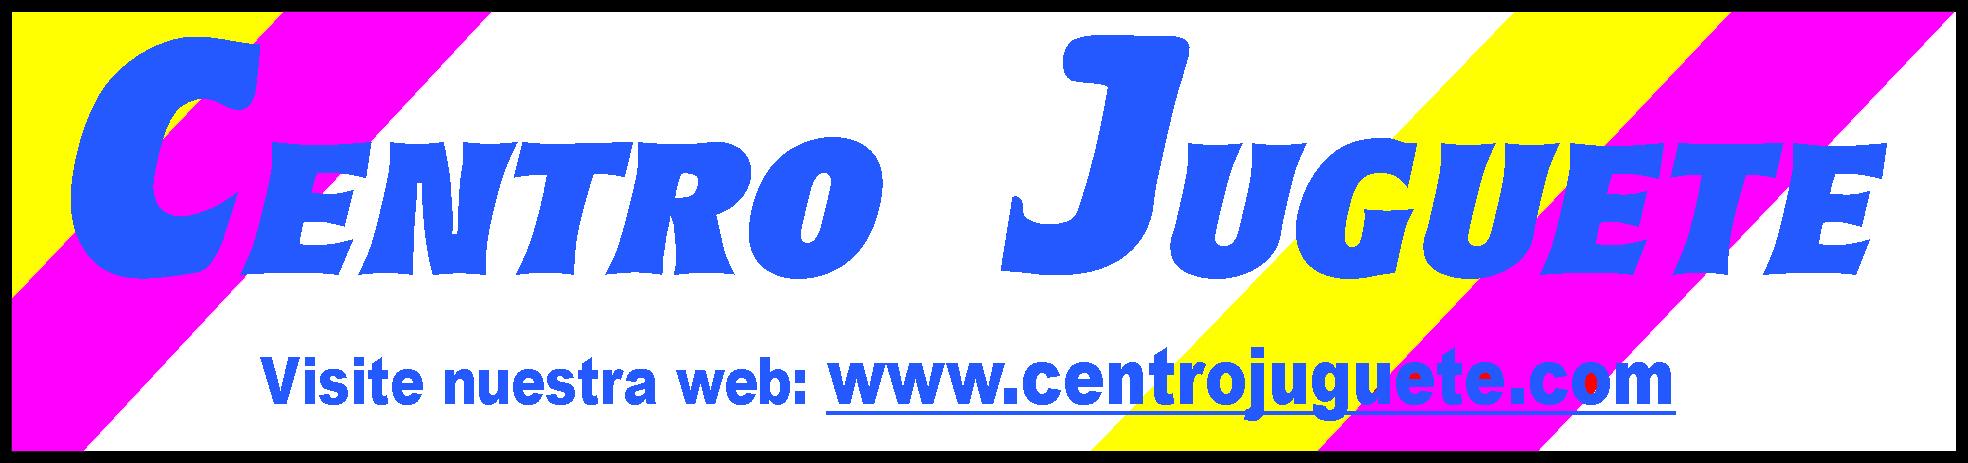 Centro Juguete